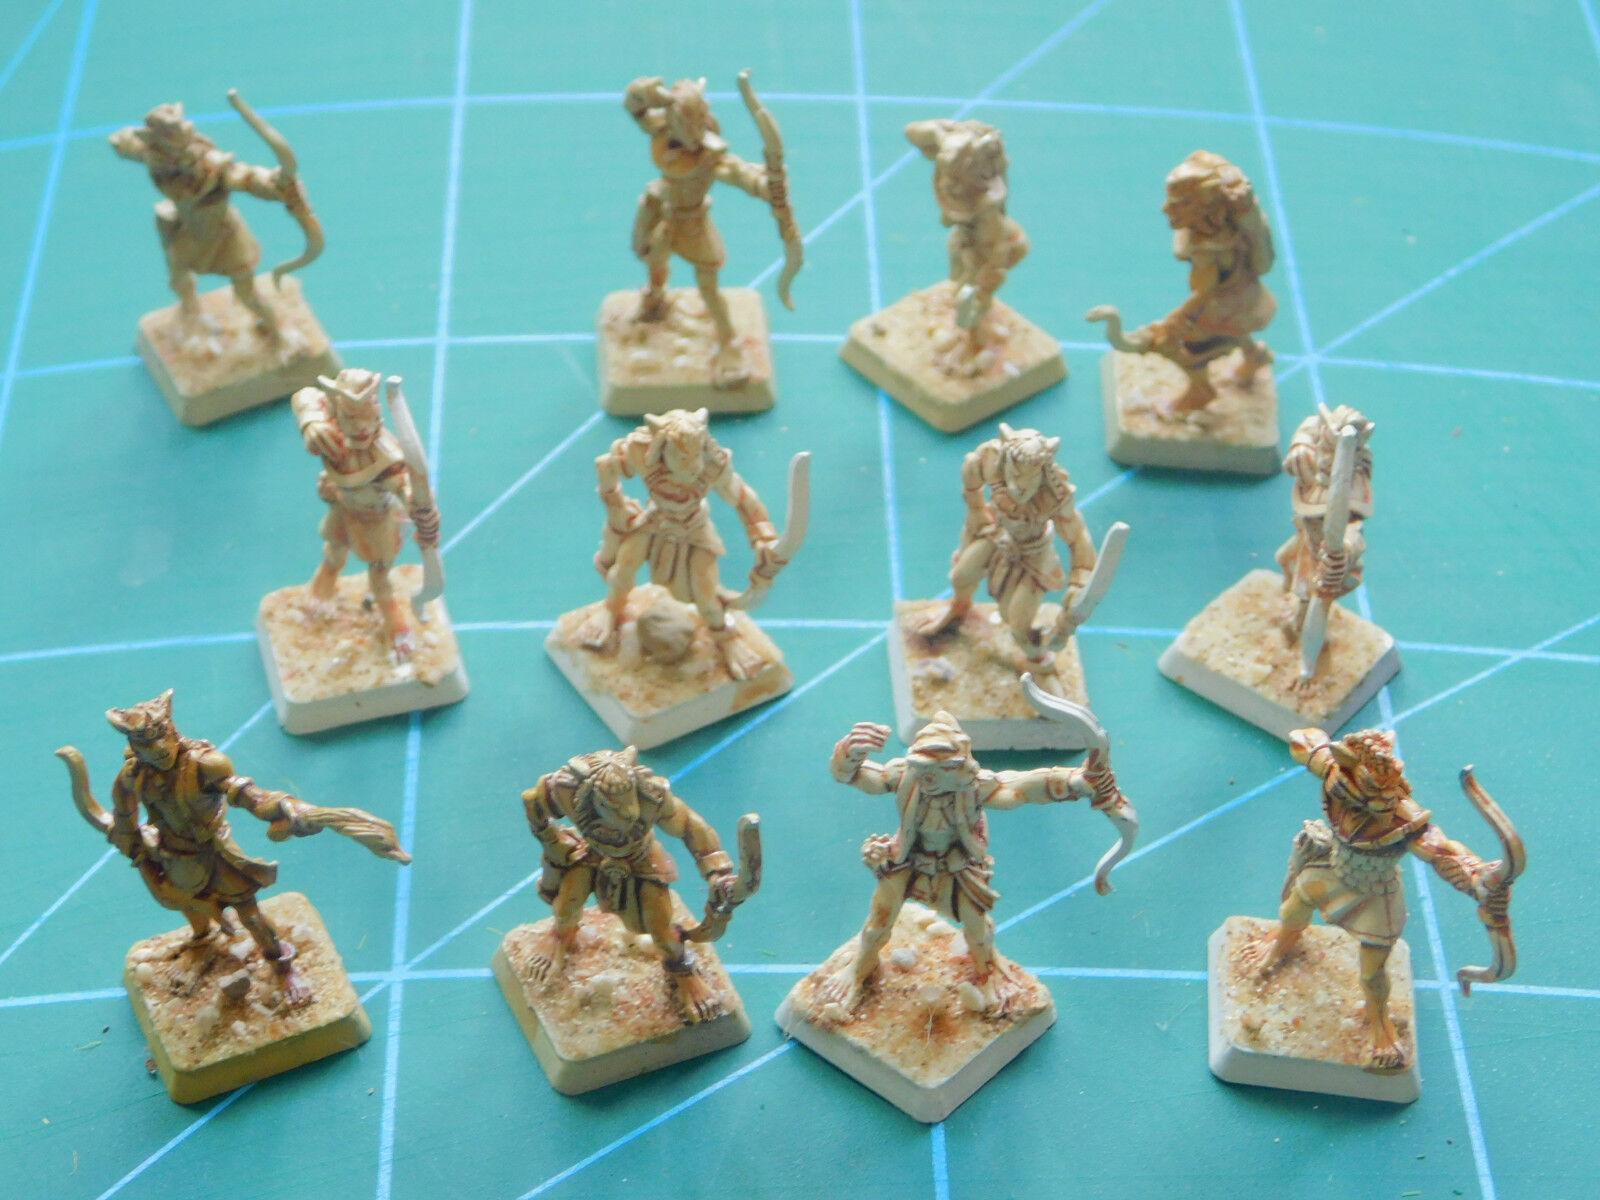 12 Warhammer 40k Dungeon Dragones CRIATURA BESTIA warriror pintado figuras de metal